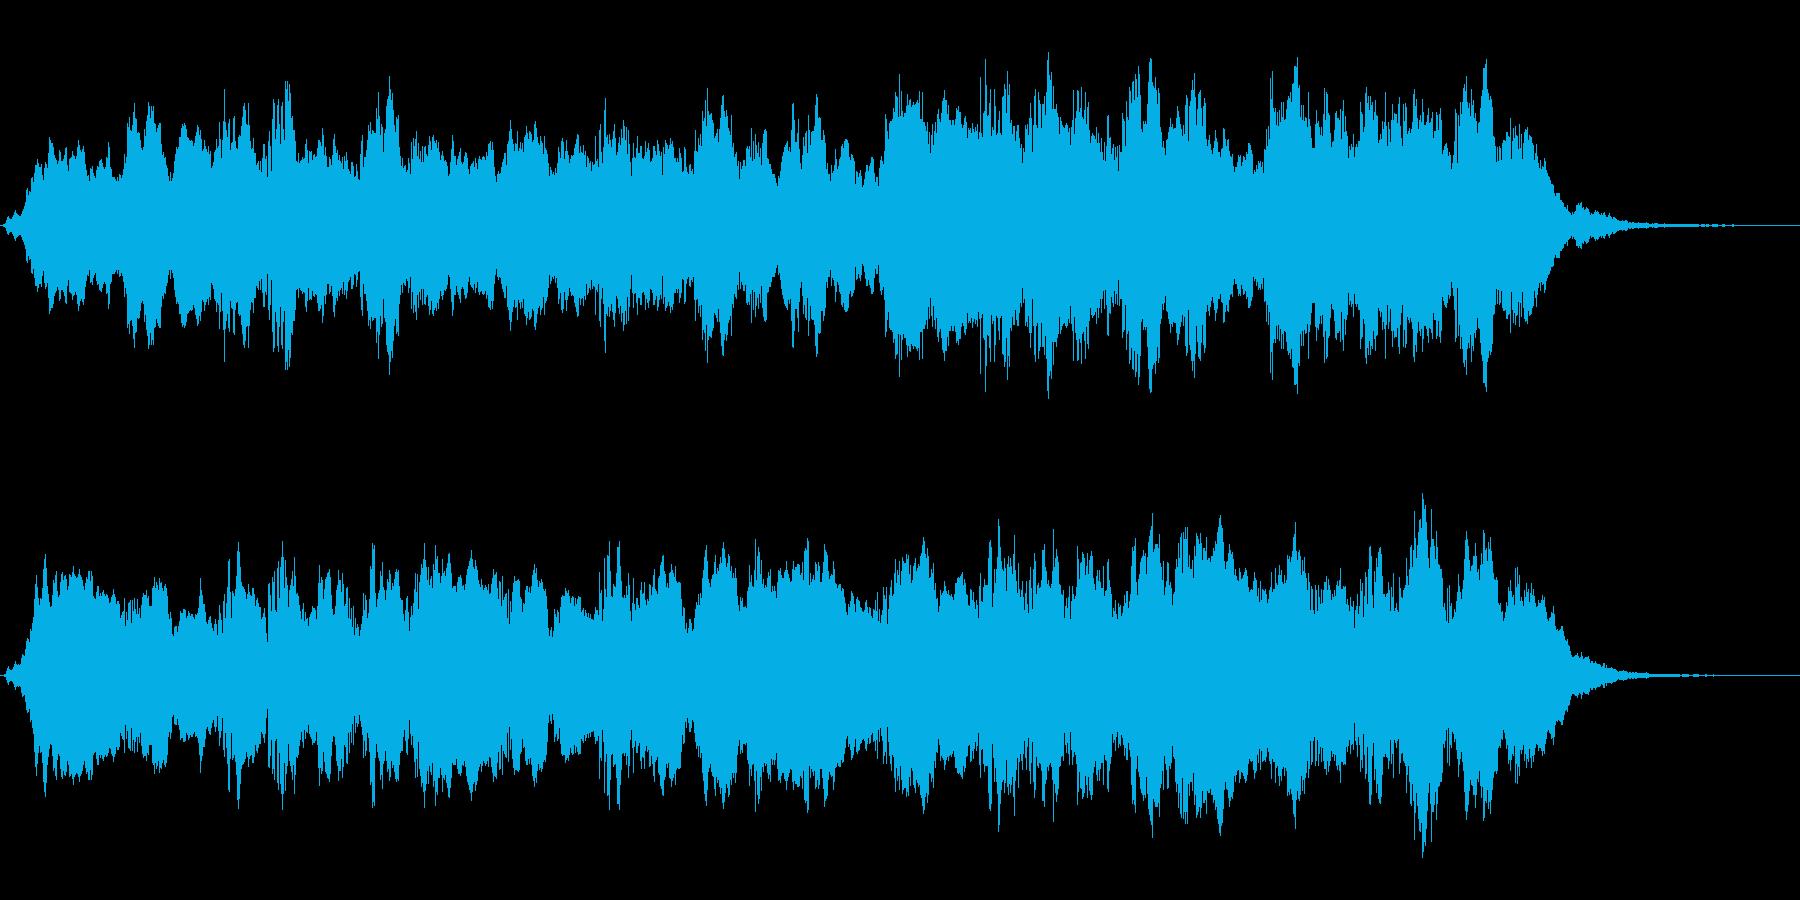 クジラの鳴き声のような不思議なジングルの再生済みの波形